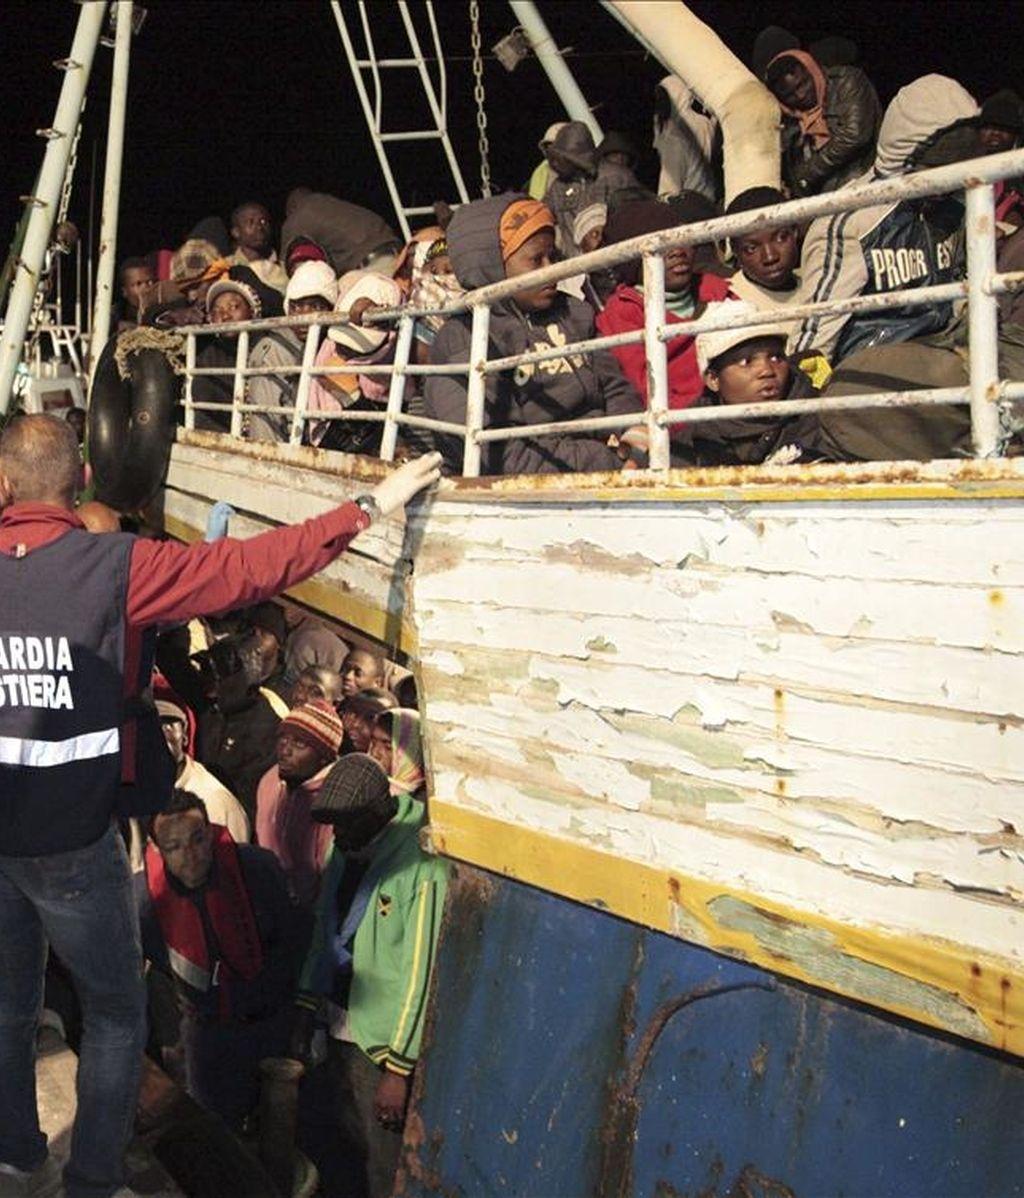 Guardias costeros ayudan a una embarcación recién llegada hoy de Libia en Lampedusa (Italia). Los 500 inmigrantes que viajaban en una barca procedente de Libia que encalló esta madrugada en unos escollos en las proximidades del puerto de la isla italiana de Lampedusa han sido rescatados, informaron hoy fuentes de la Capitanía de Puerto. EFE